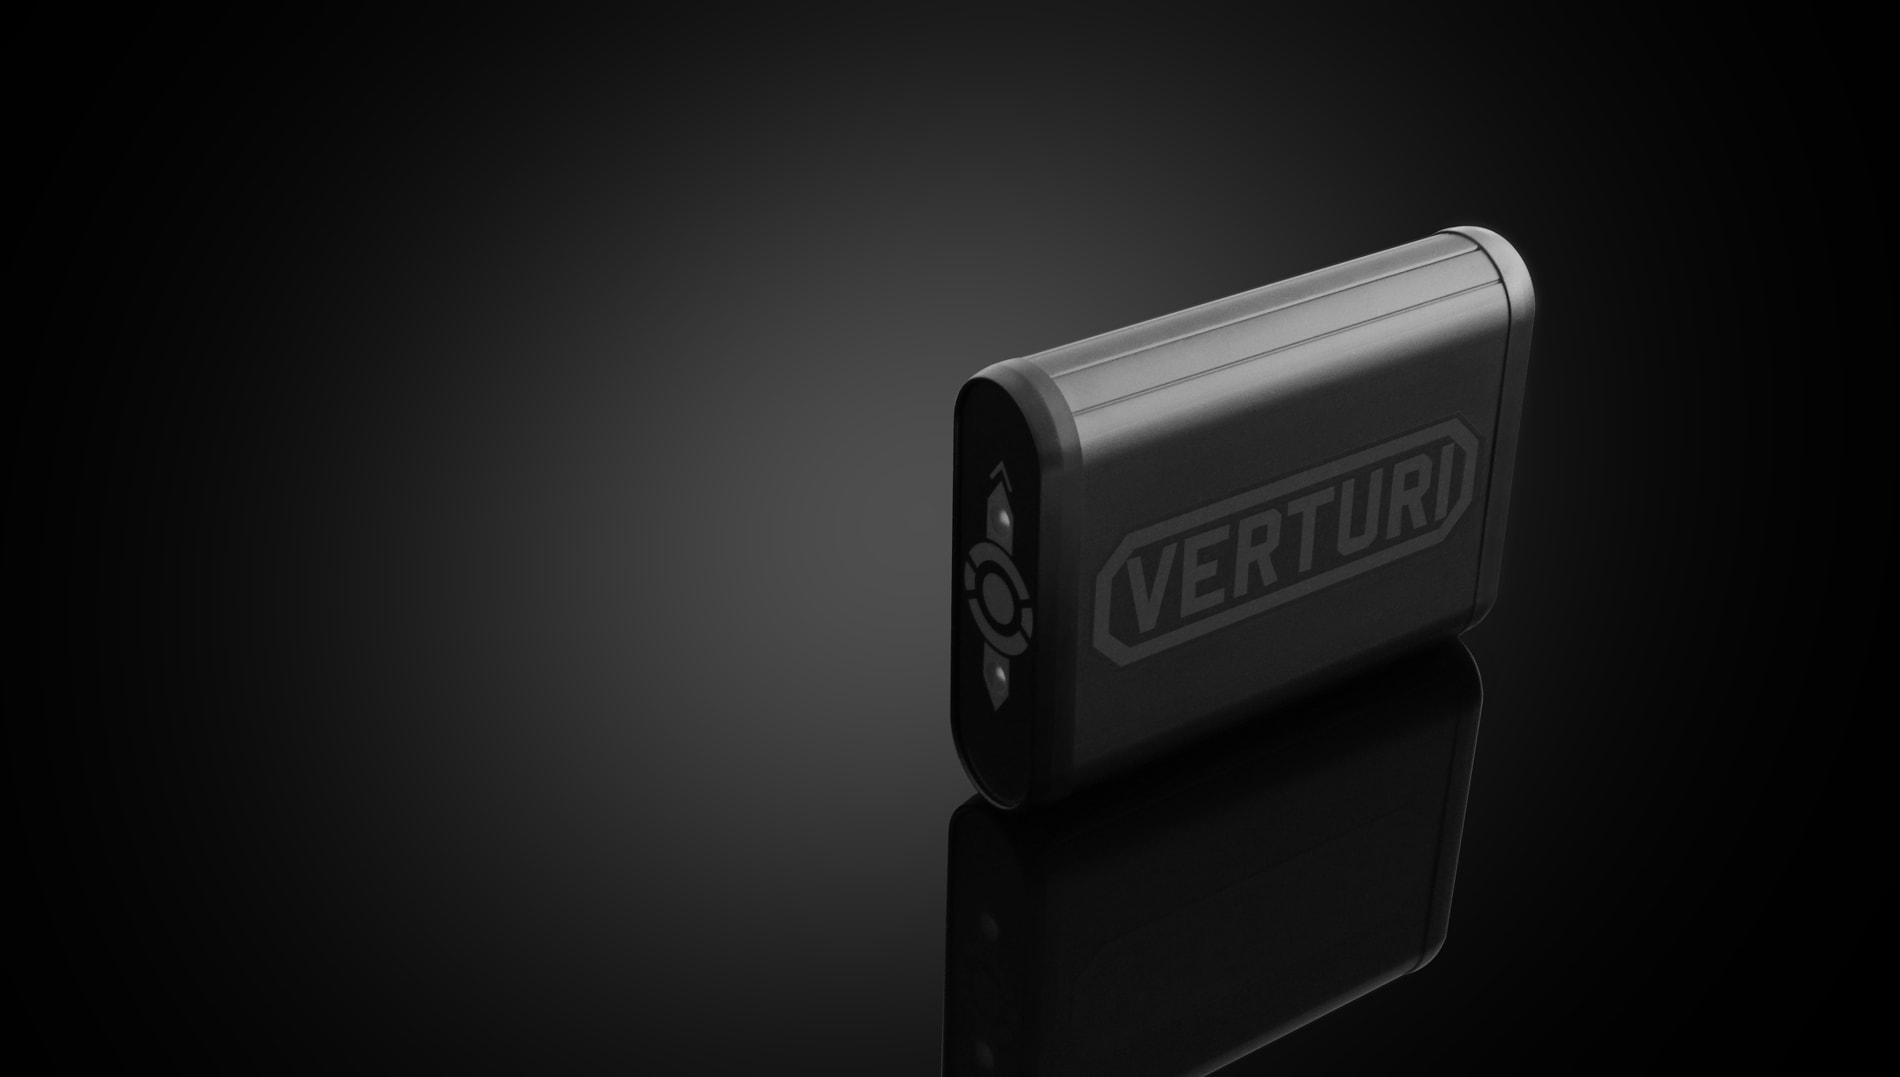 Alarm motocyklowy marki VERTURI | model Nax-One